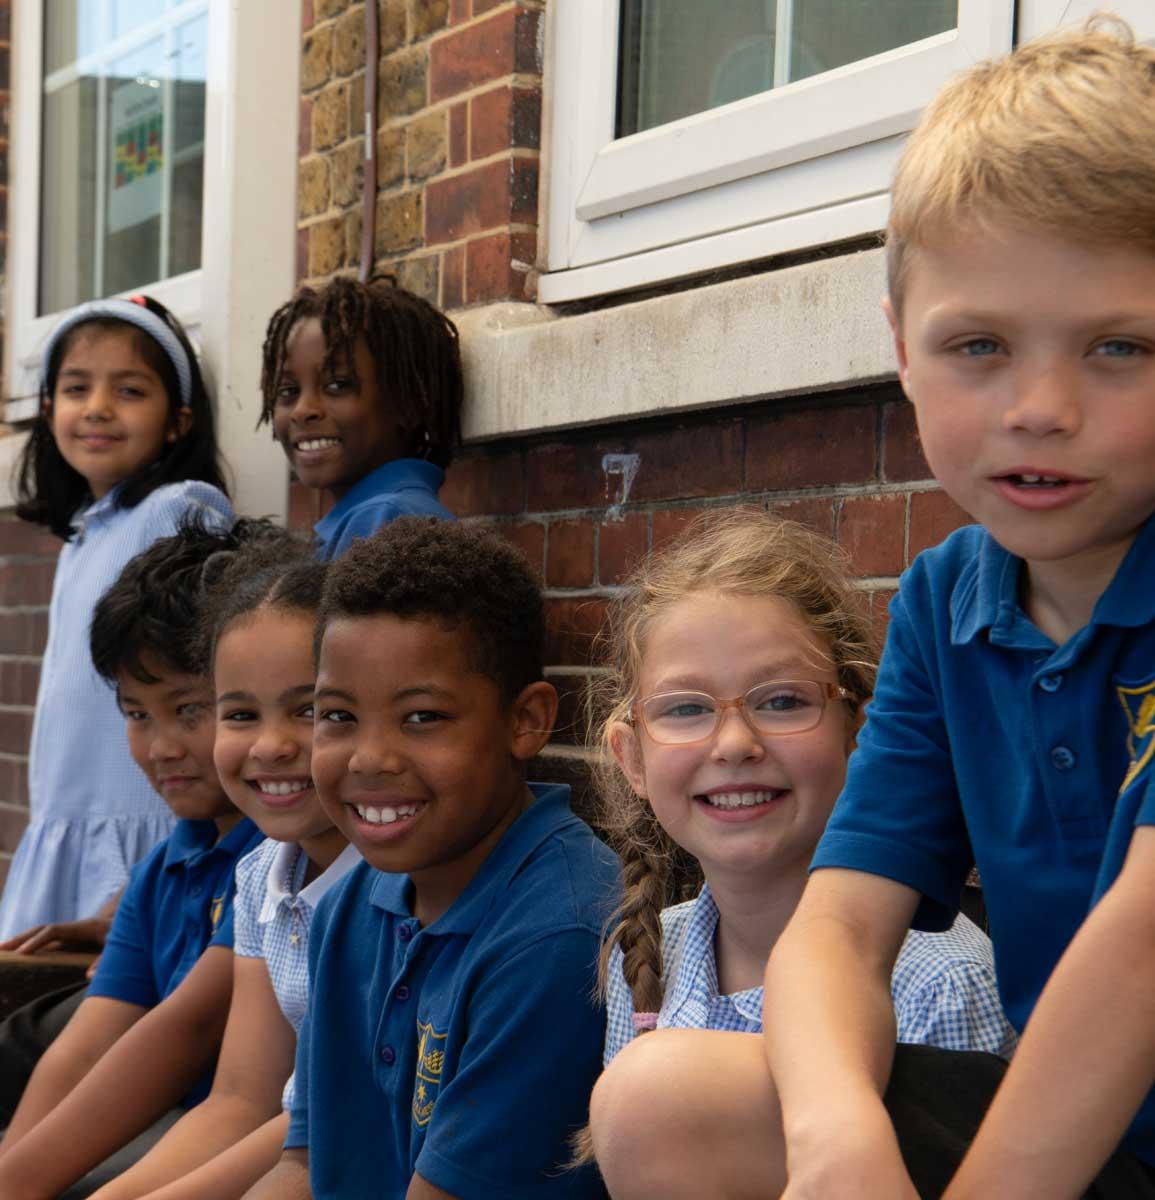 Children sitting on a bench